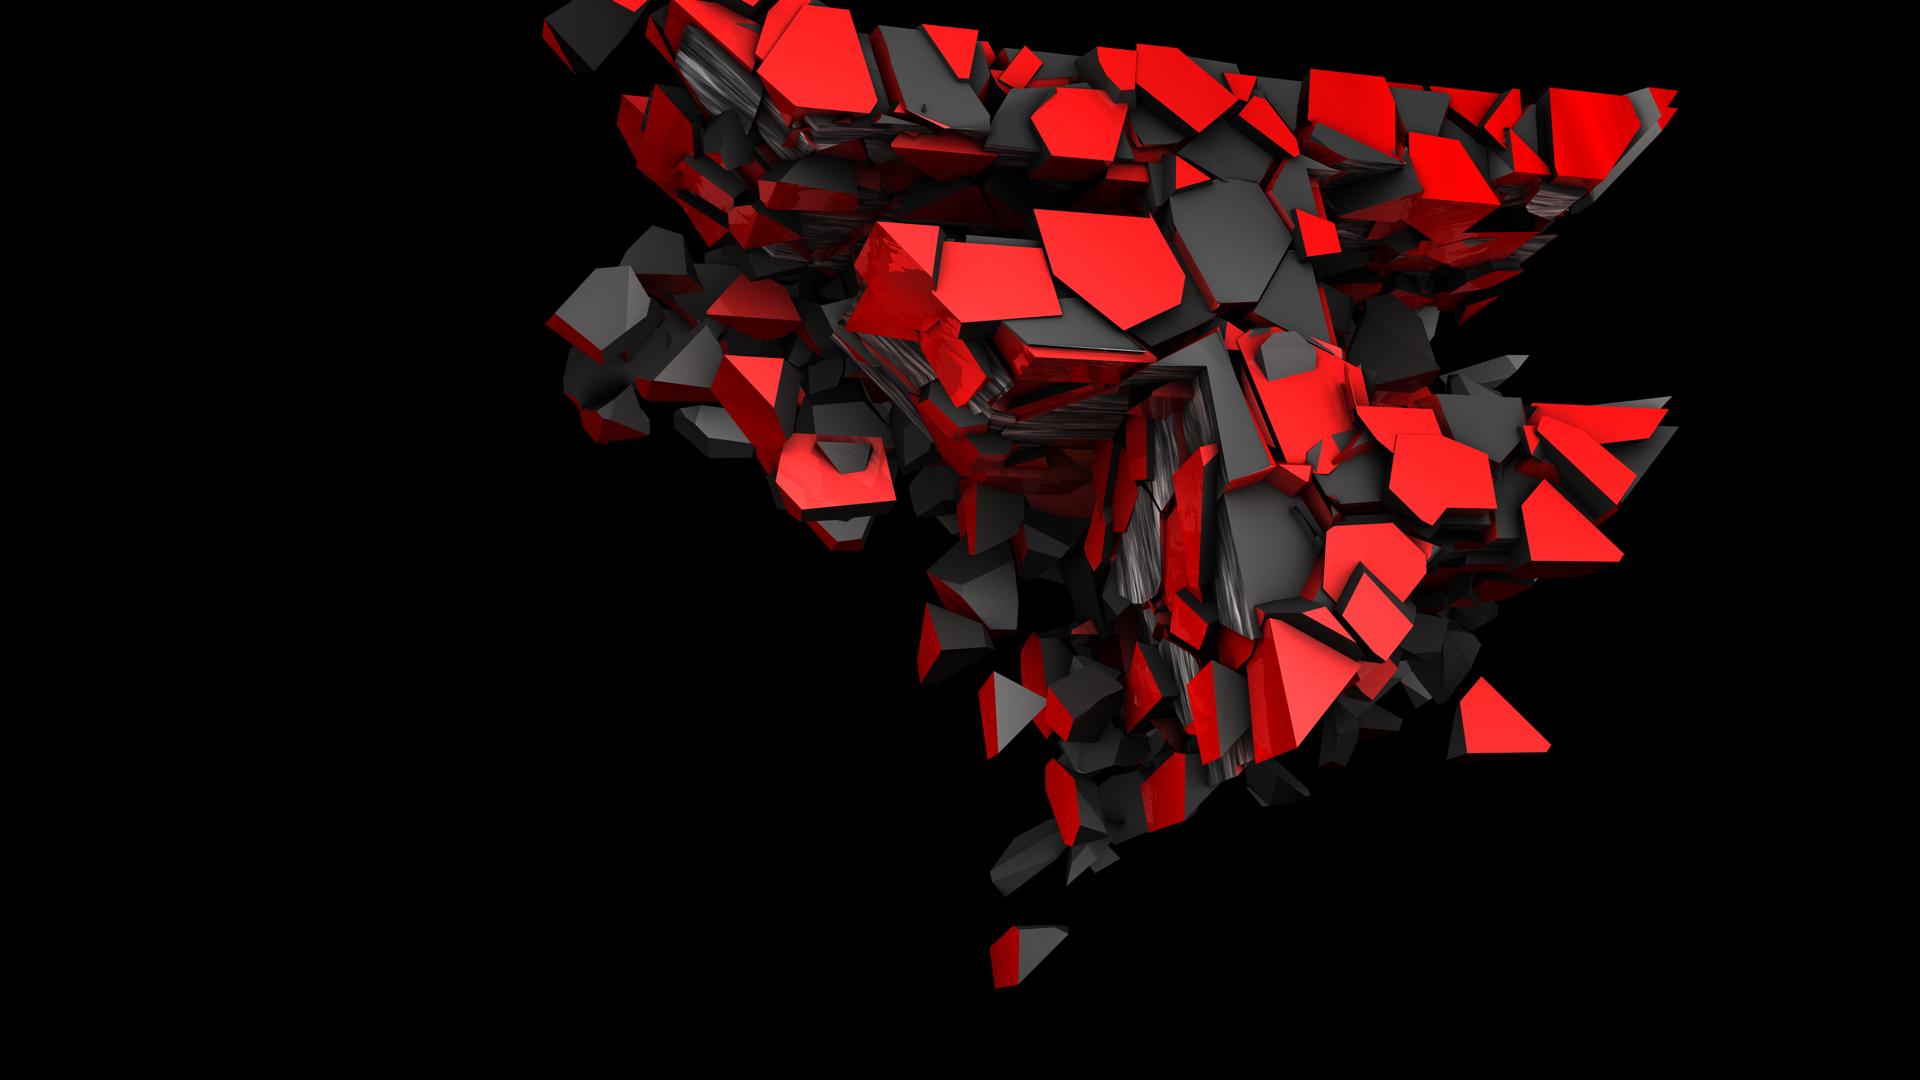 Faze Logo by NickHasGFX 1920x1080